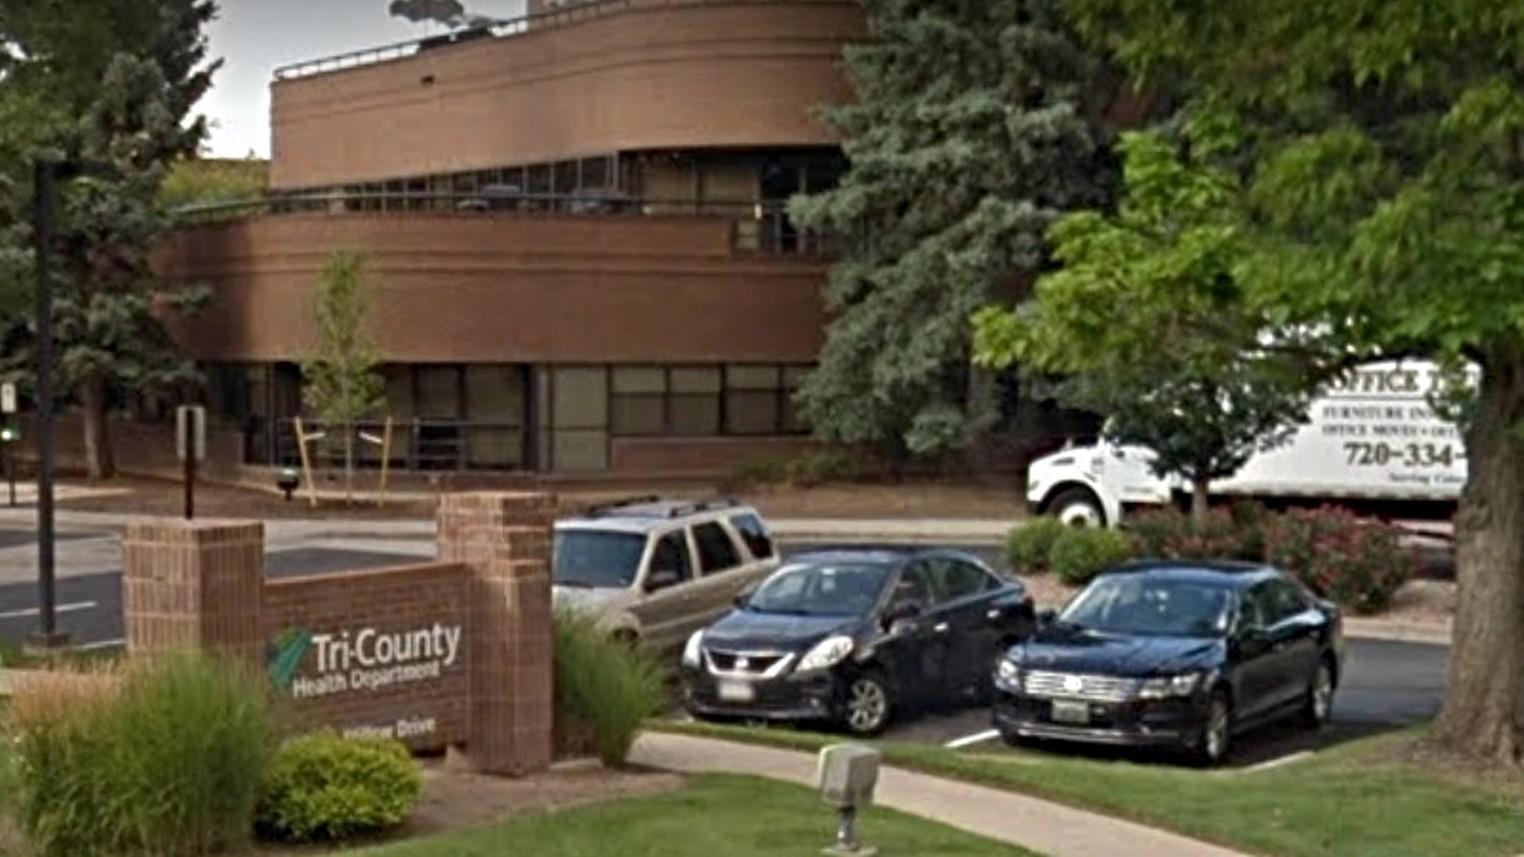 How COVID Politics Are Killing the Tri-County Health Department